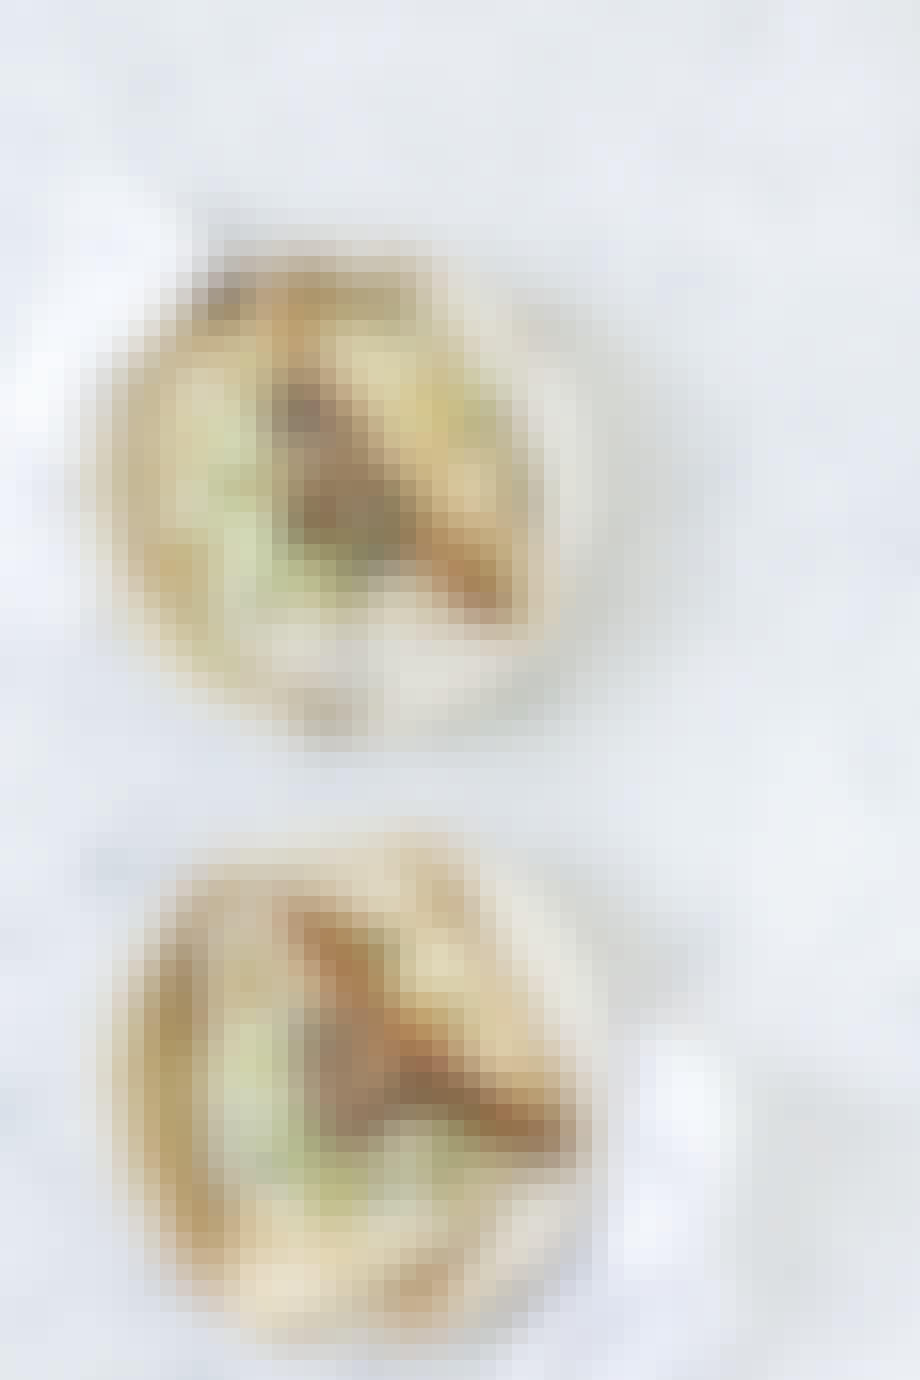 Fastfood bestående af luksus-hotdogs